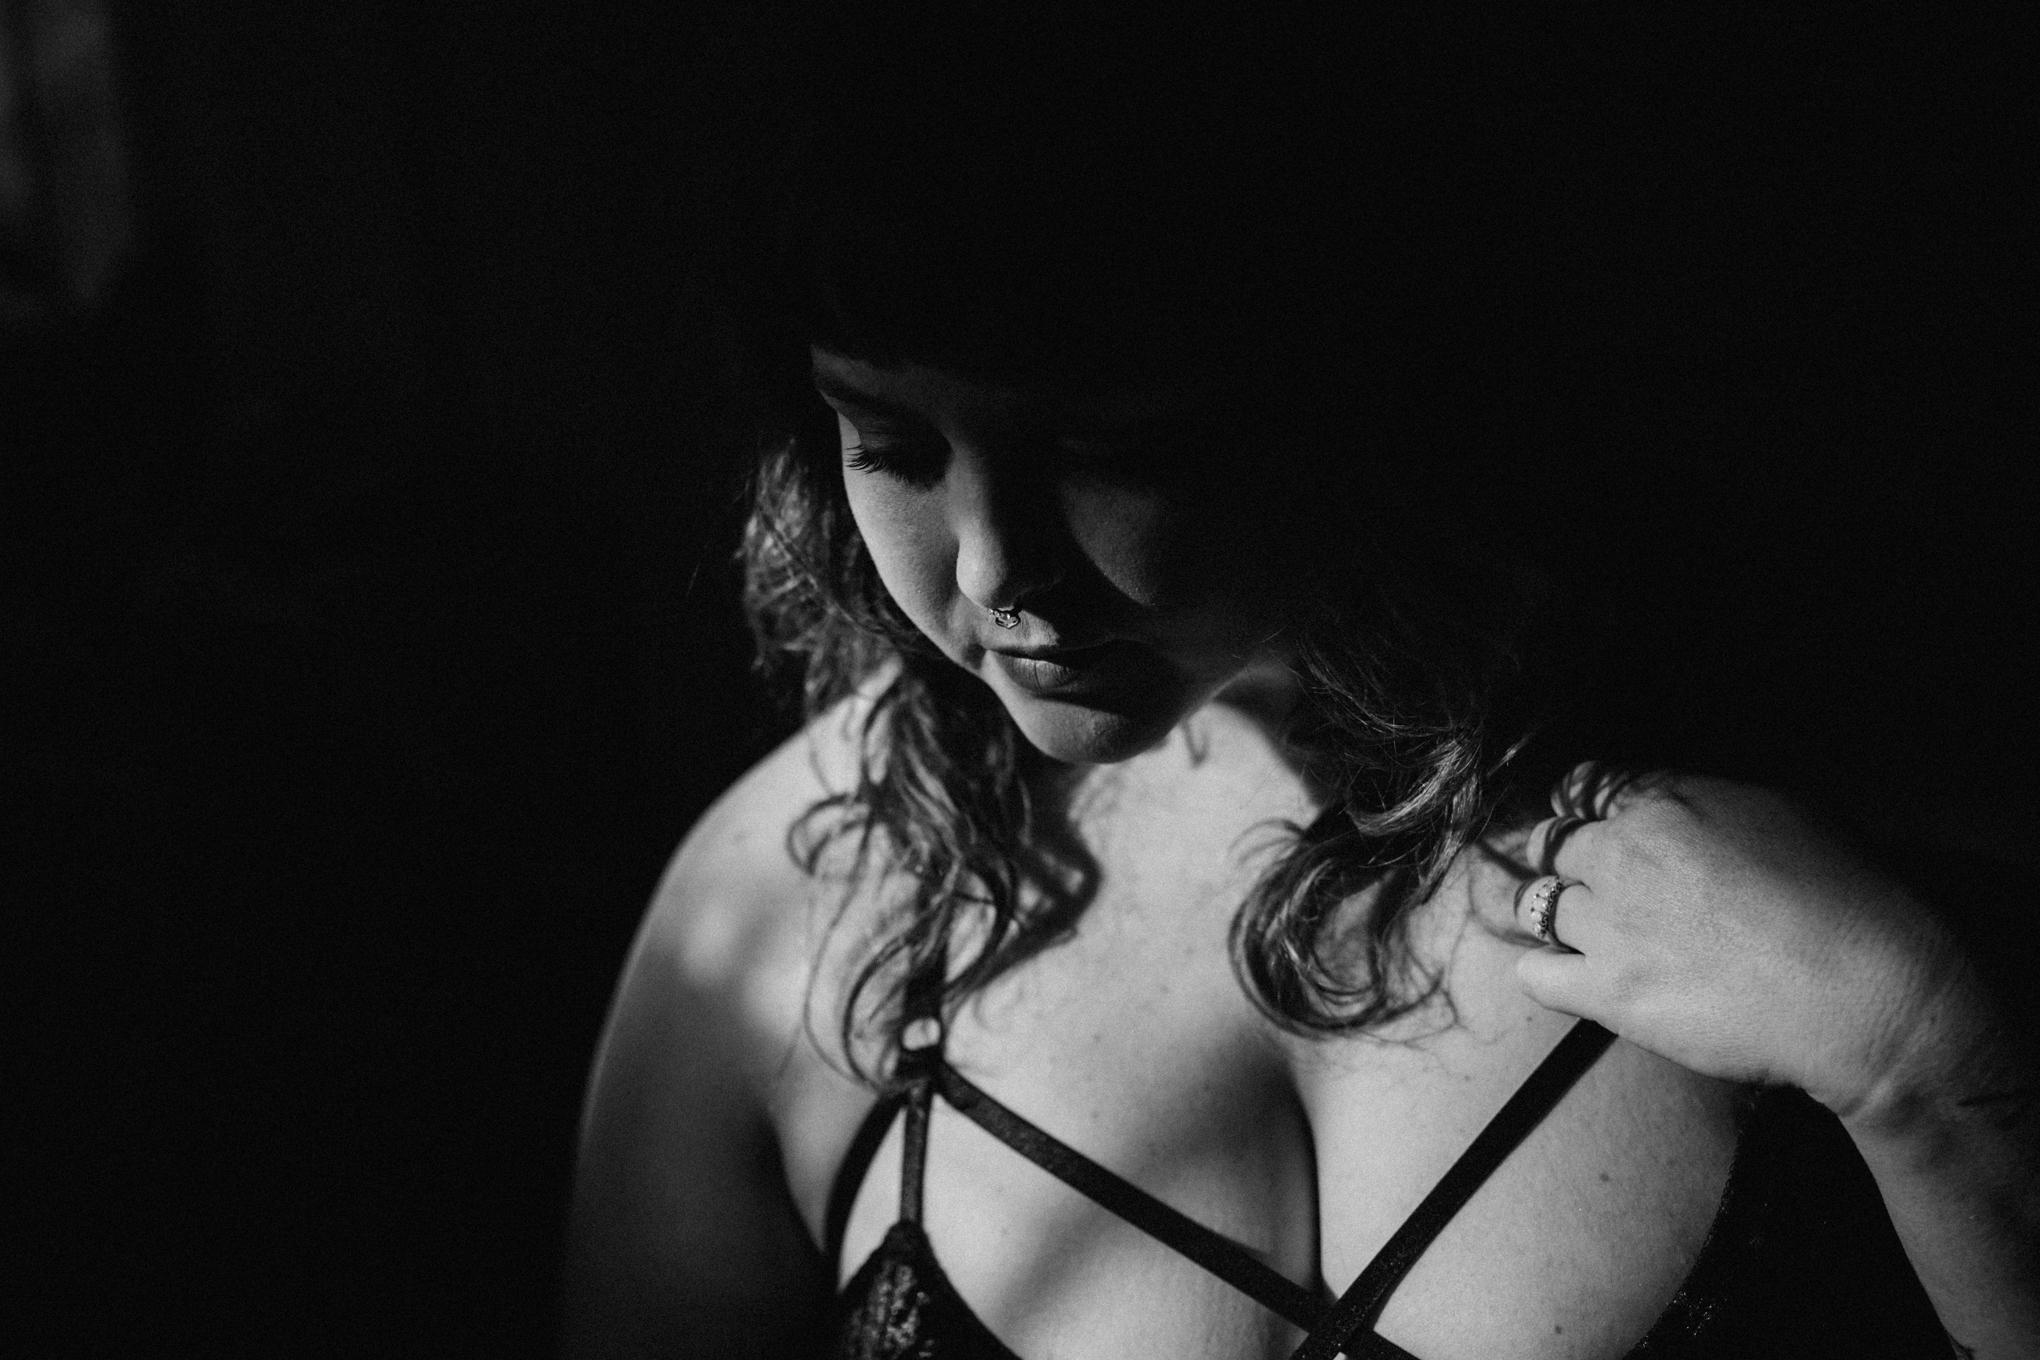 selfportrait2_StudioXIIIPhotography